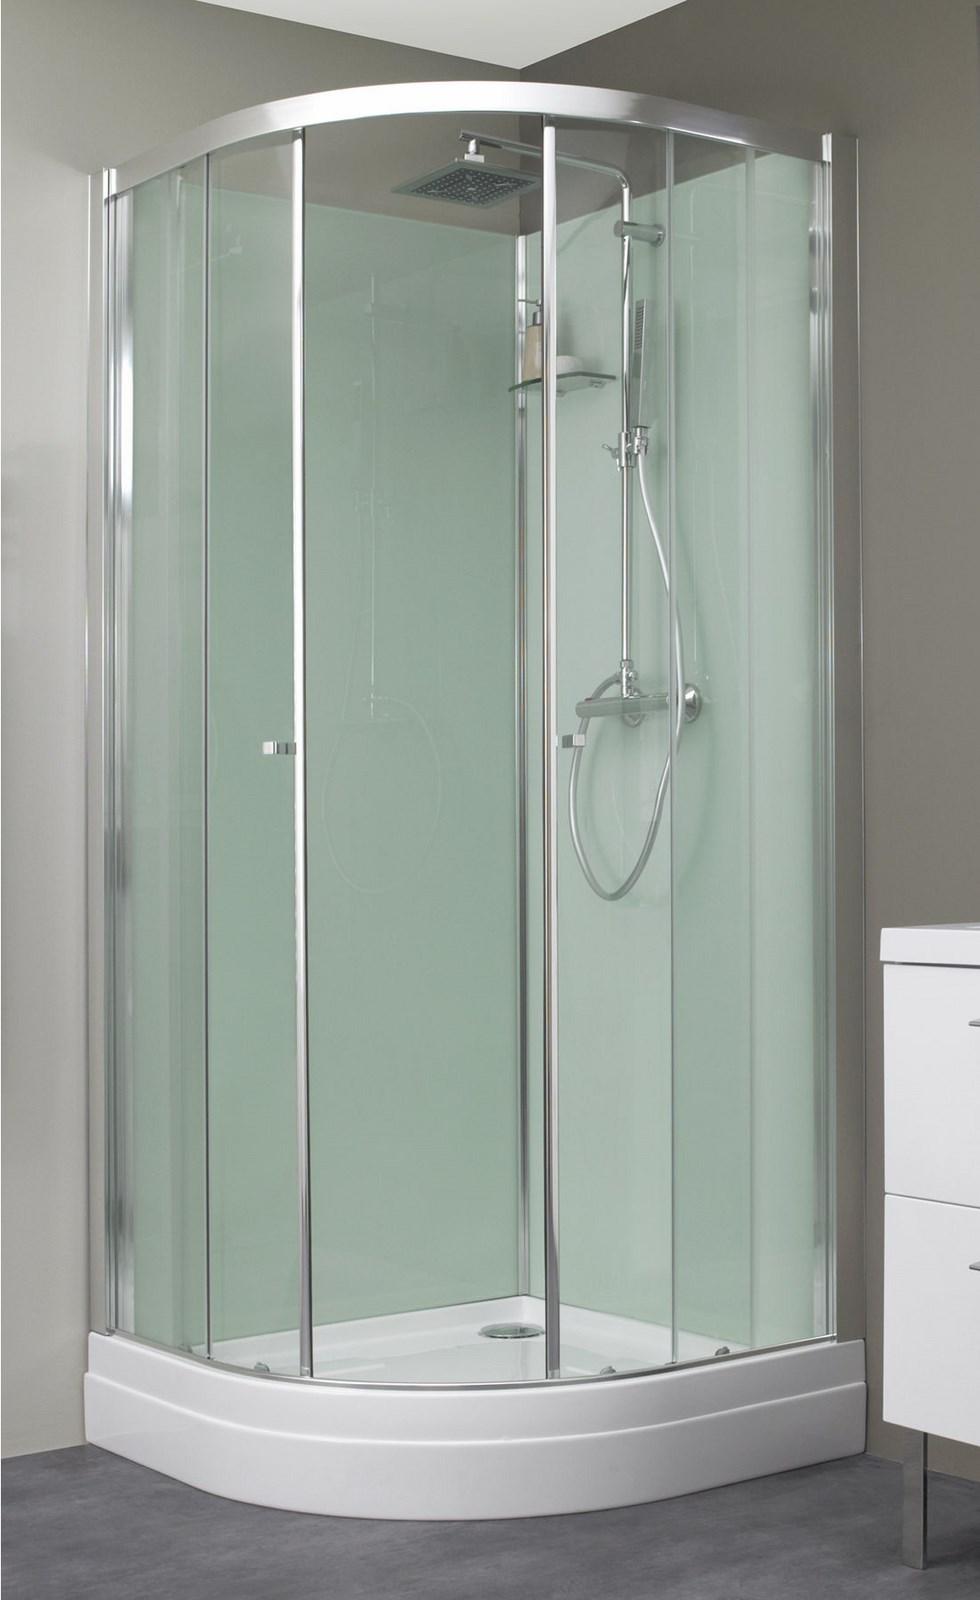 Cabine de douche eden r 1 4 de rond kinedo for Cabine de douche faible hauteur